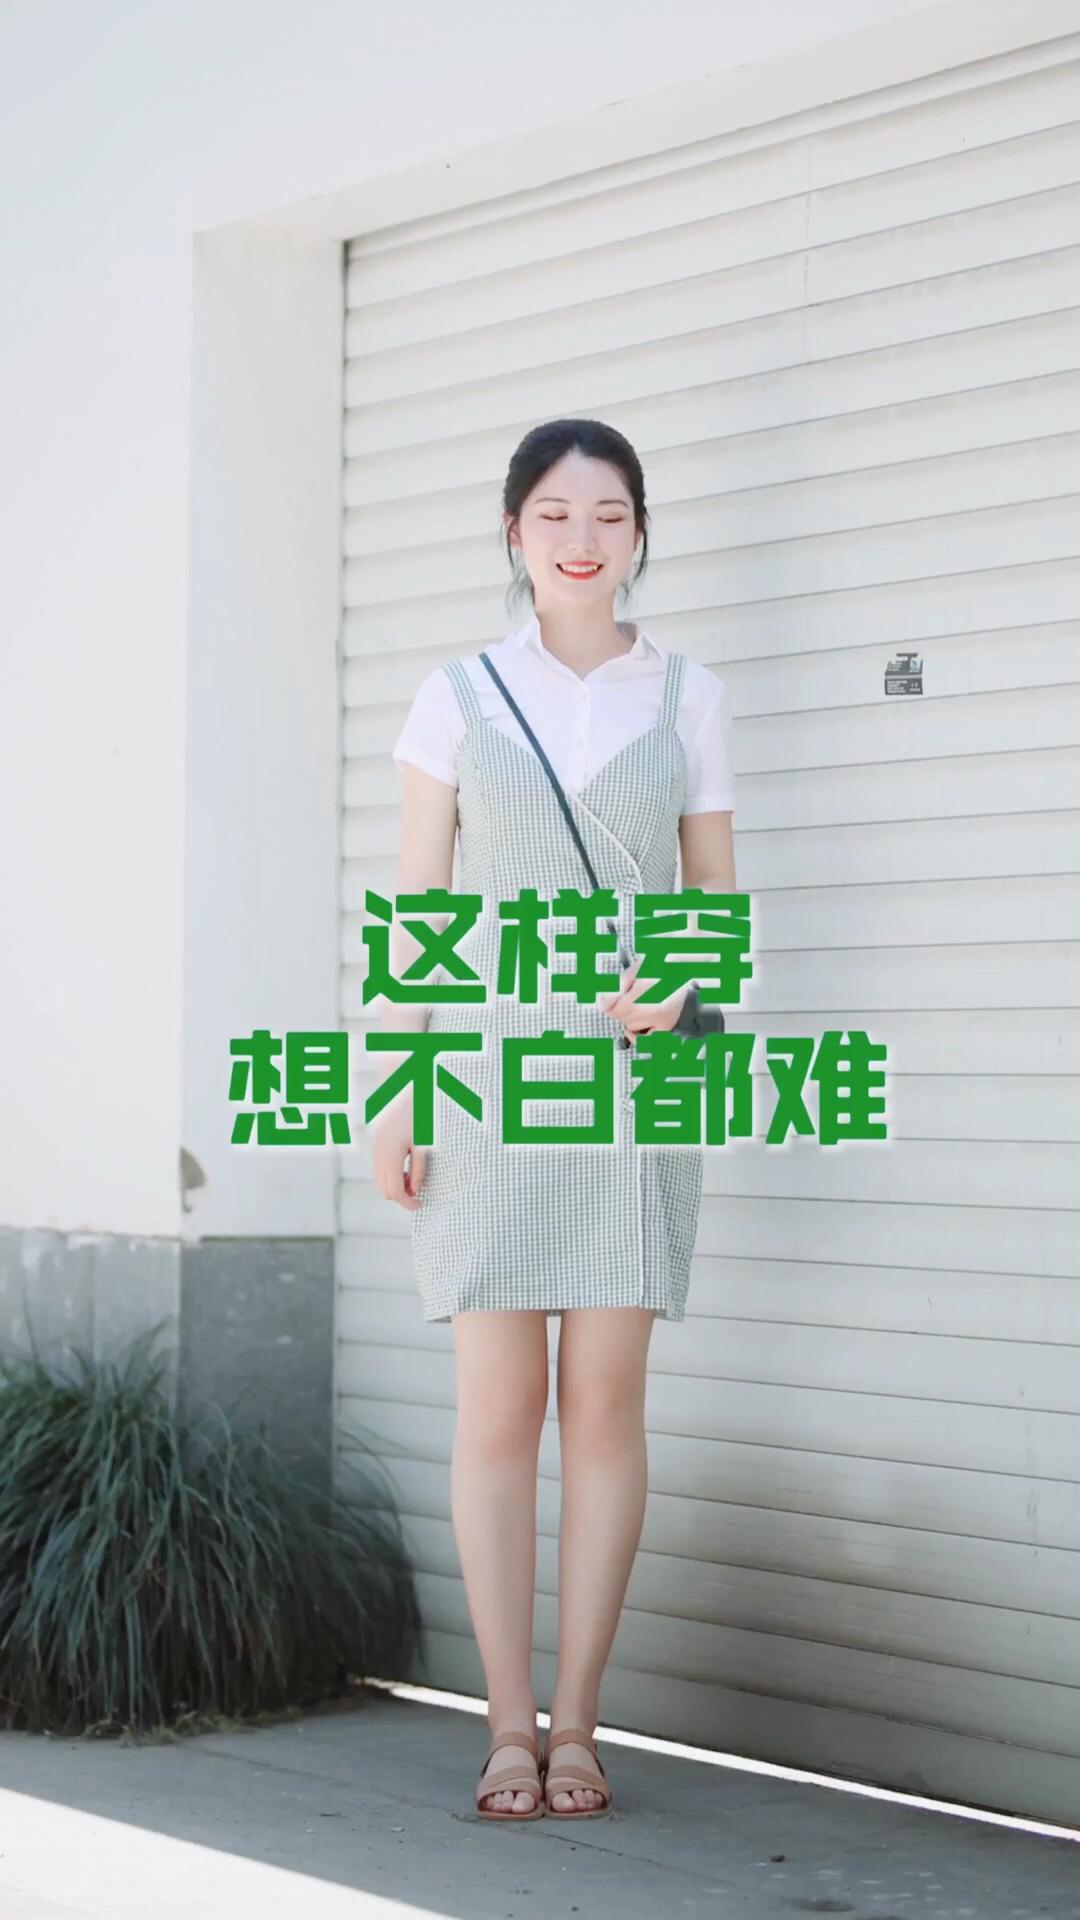 #夏日水果色上身,我超甜# 白色衬衫作为打底搭配果绿色吊带格子裙,清新甜美!吊带裙是绿白格,面料很亲肤,表面有纹路感,很有质感哦~搭配了墨绿色的包包,整体在颜色上更有层次感,鞋子选择了百搭的杏色,推荐!